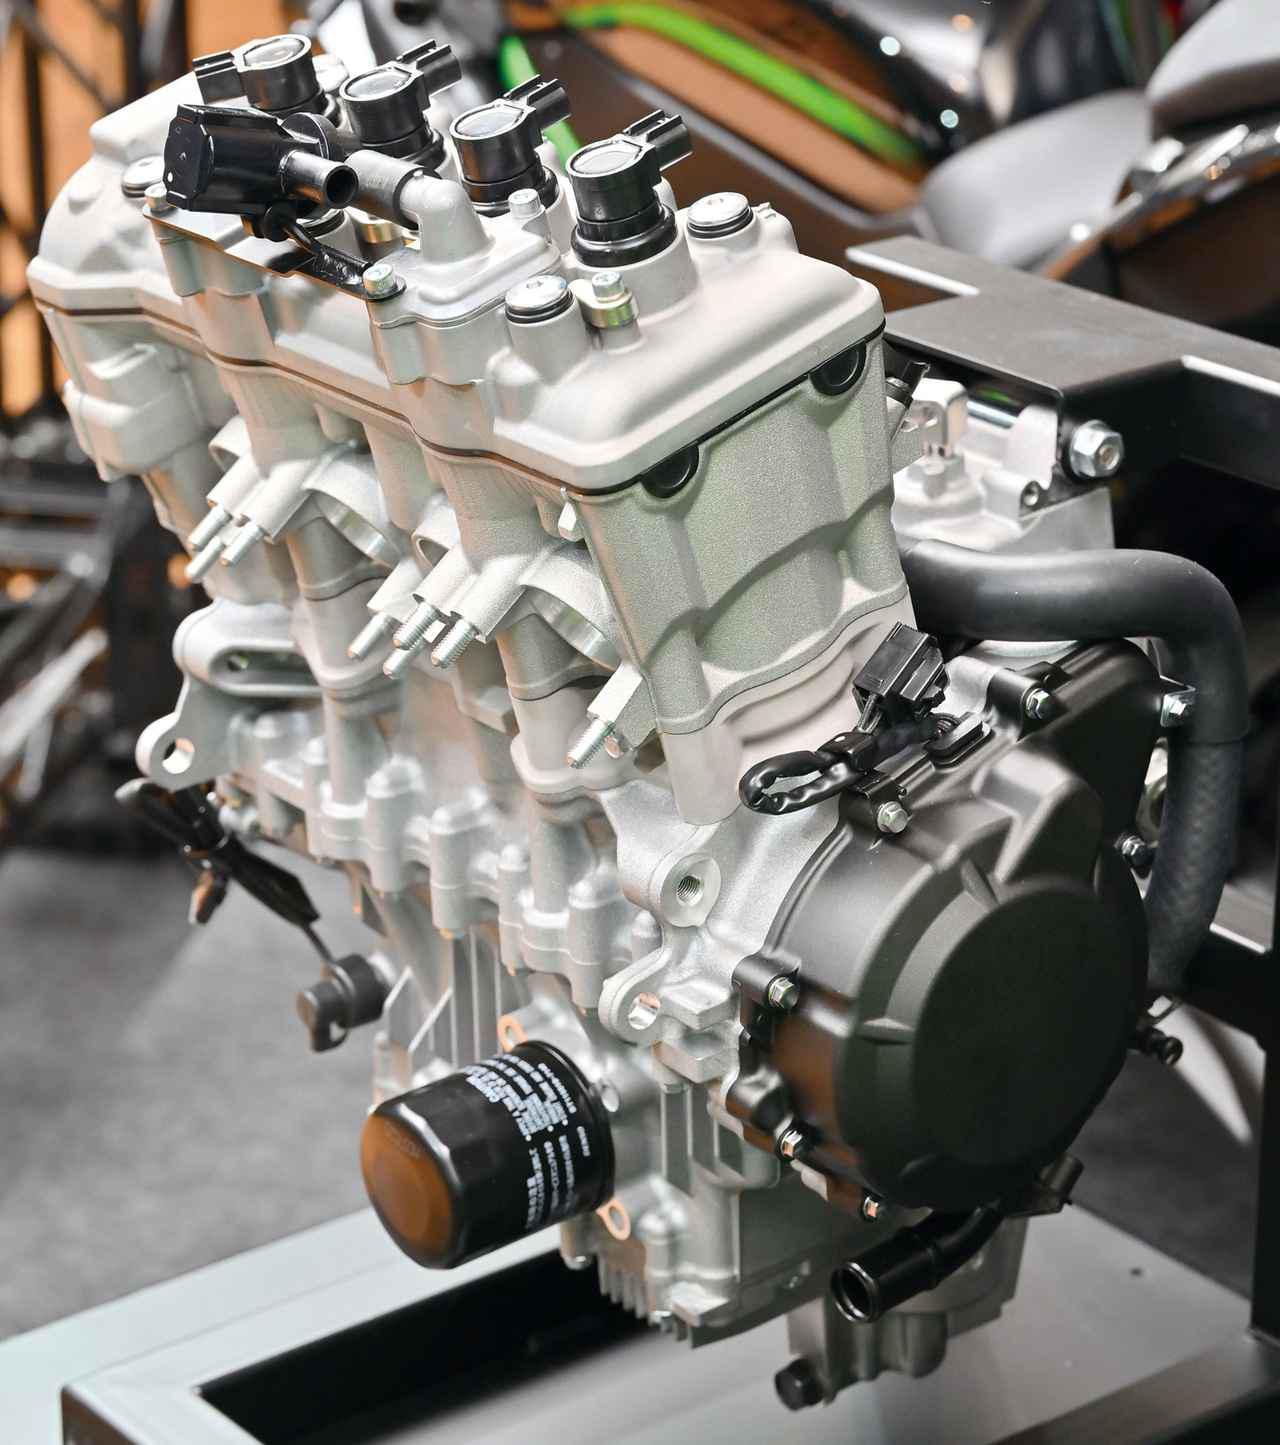 画像: 新設計の4気筒エンジンは一般向けにも単体で公開された。かなり前後長が短い印象。写真の逆サイドにカムチェーンを寄せた「サイドカムチェーン式」でヘッドの高さがバルブ挟み角の狭さを表わす。